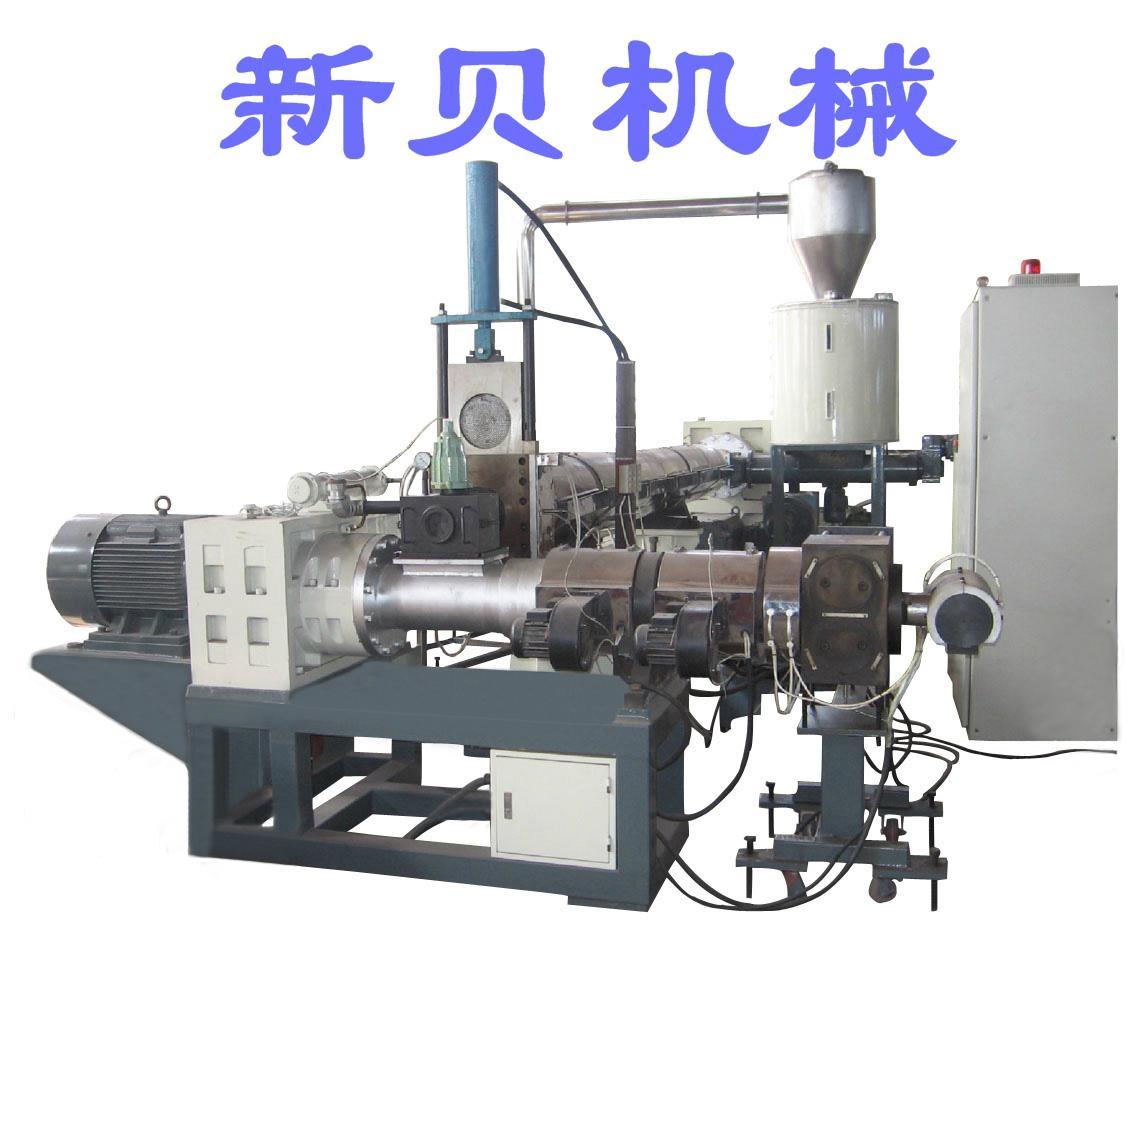 供應新貝機械噸包袋高效單螺杆造粒生產線 2